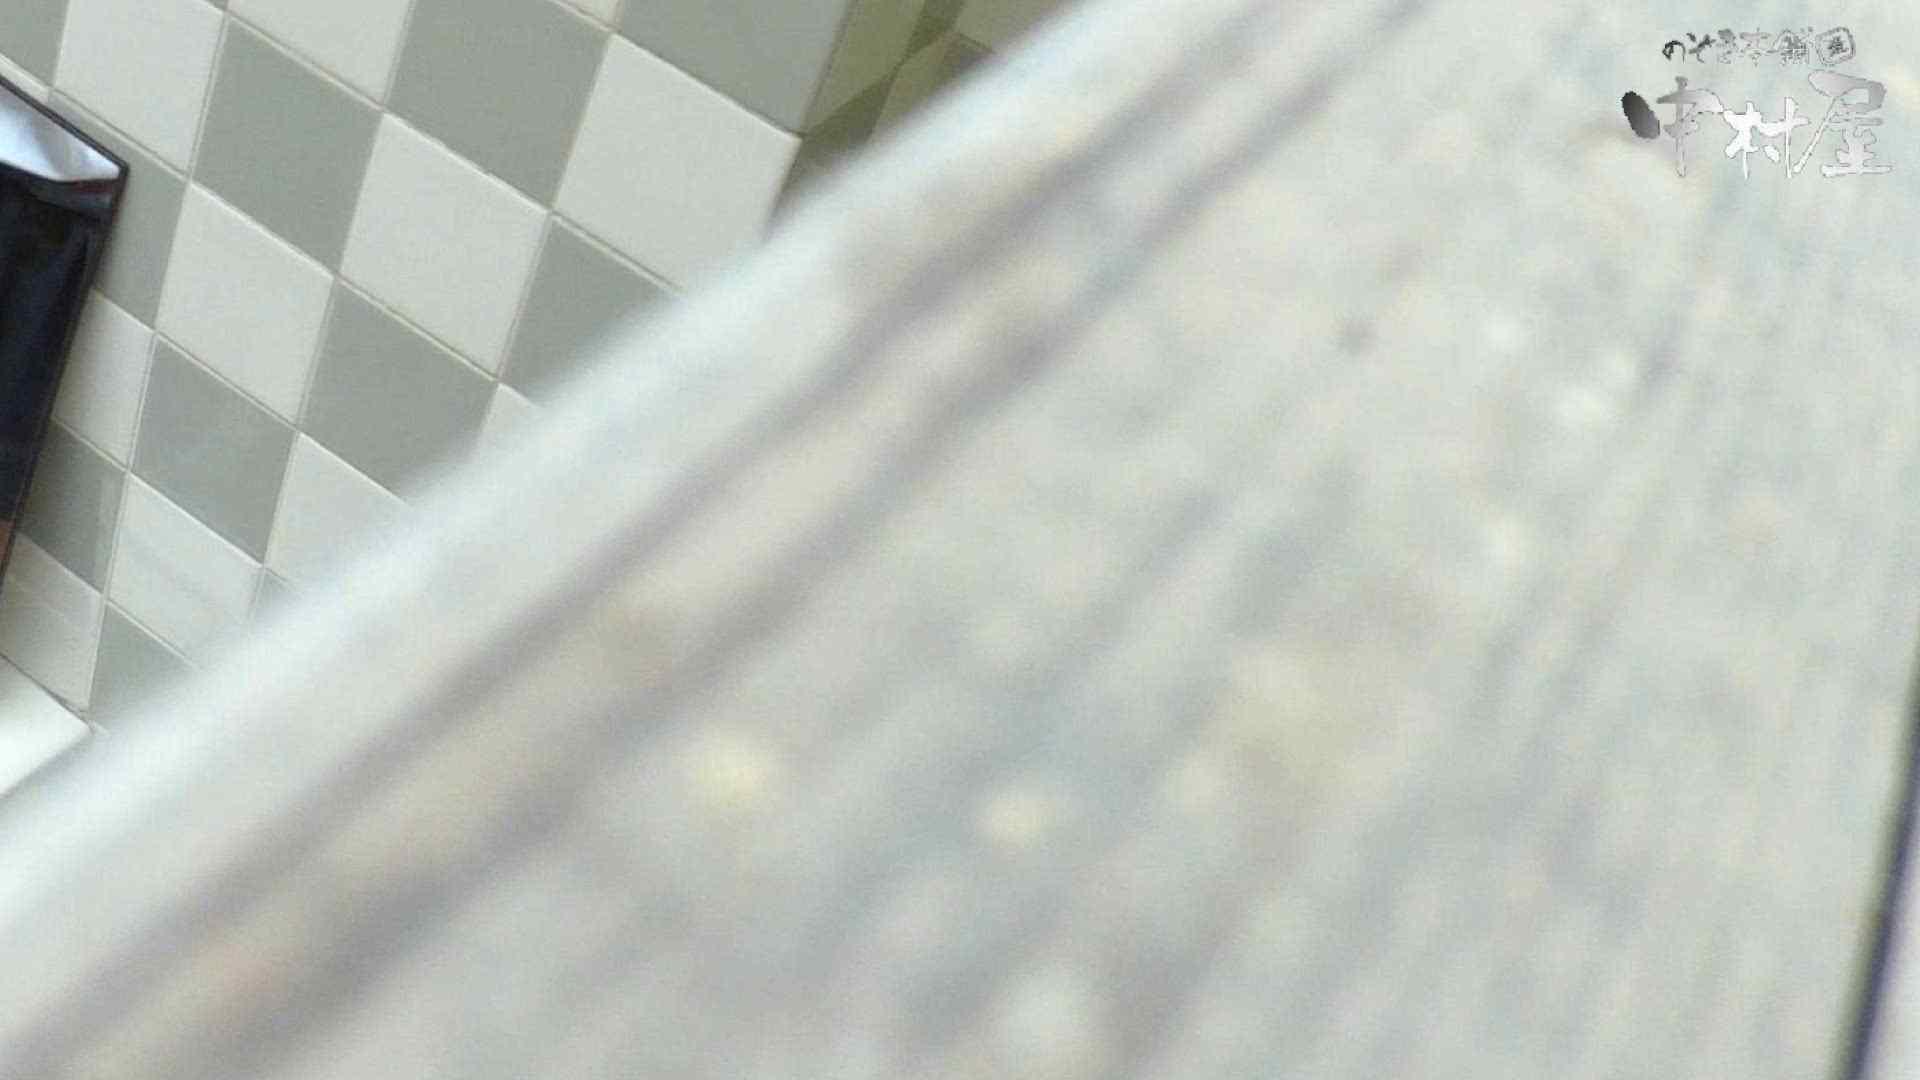 お待たせしました始動します‼雅さんの独断と偏見で集めた動画集 Vol.8 OLセックス | 期間限定  85画像 65